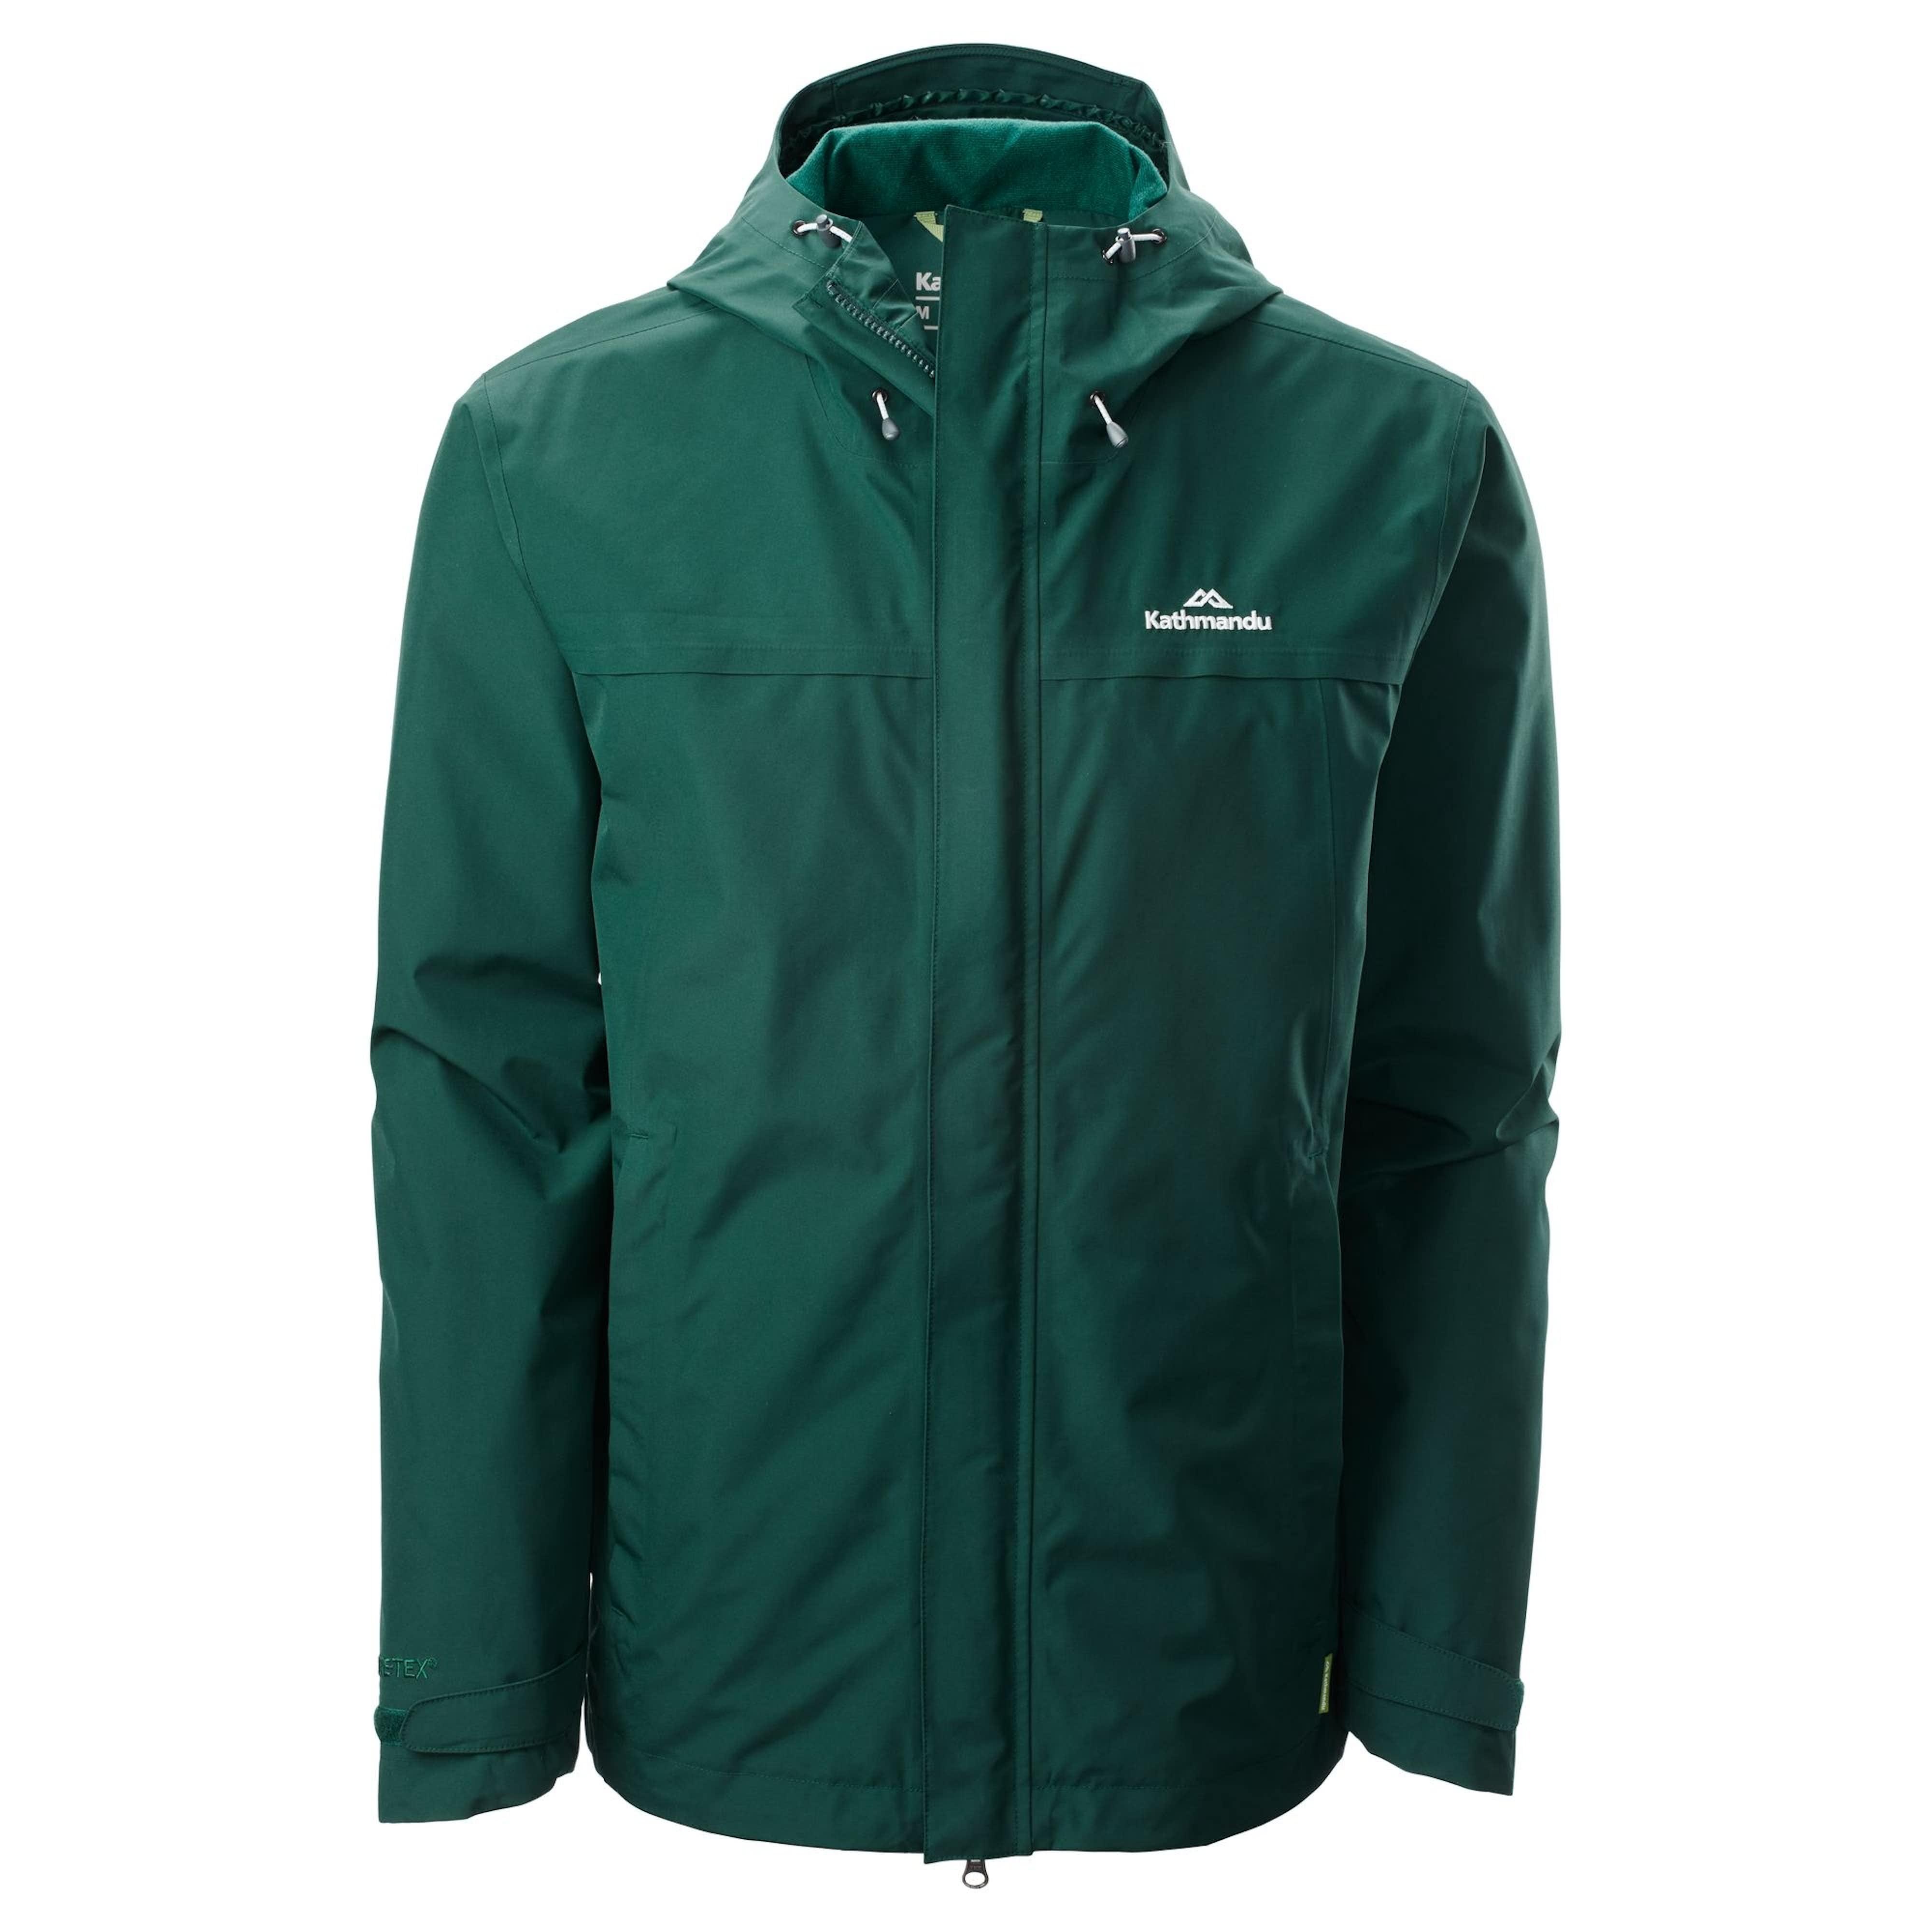 0d9f342c6 Bealey Men's GORE-TEX® Jacket